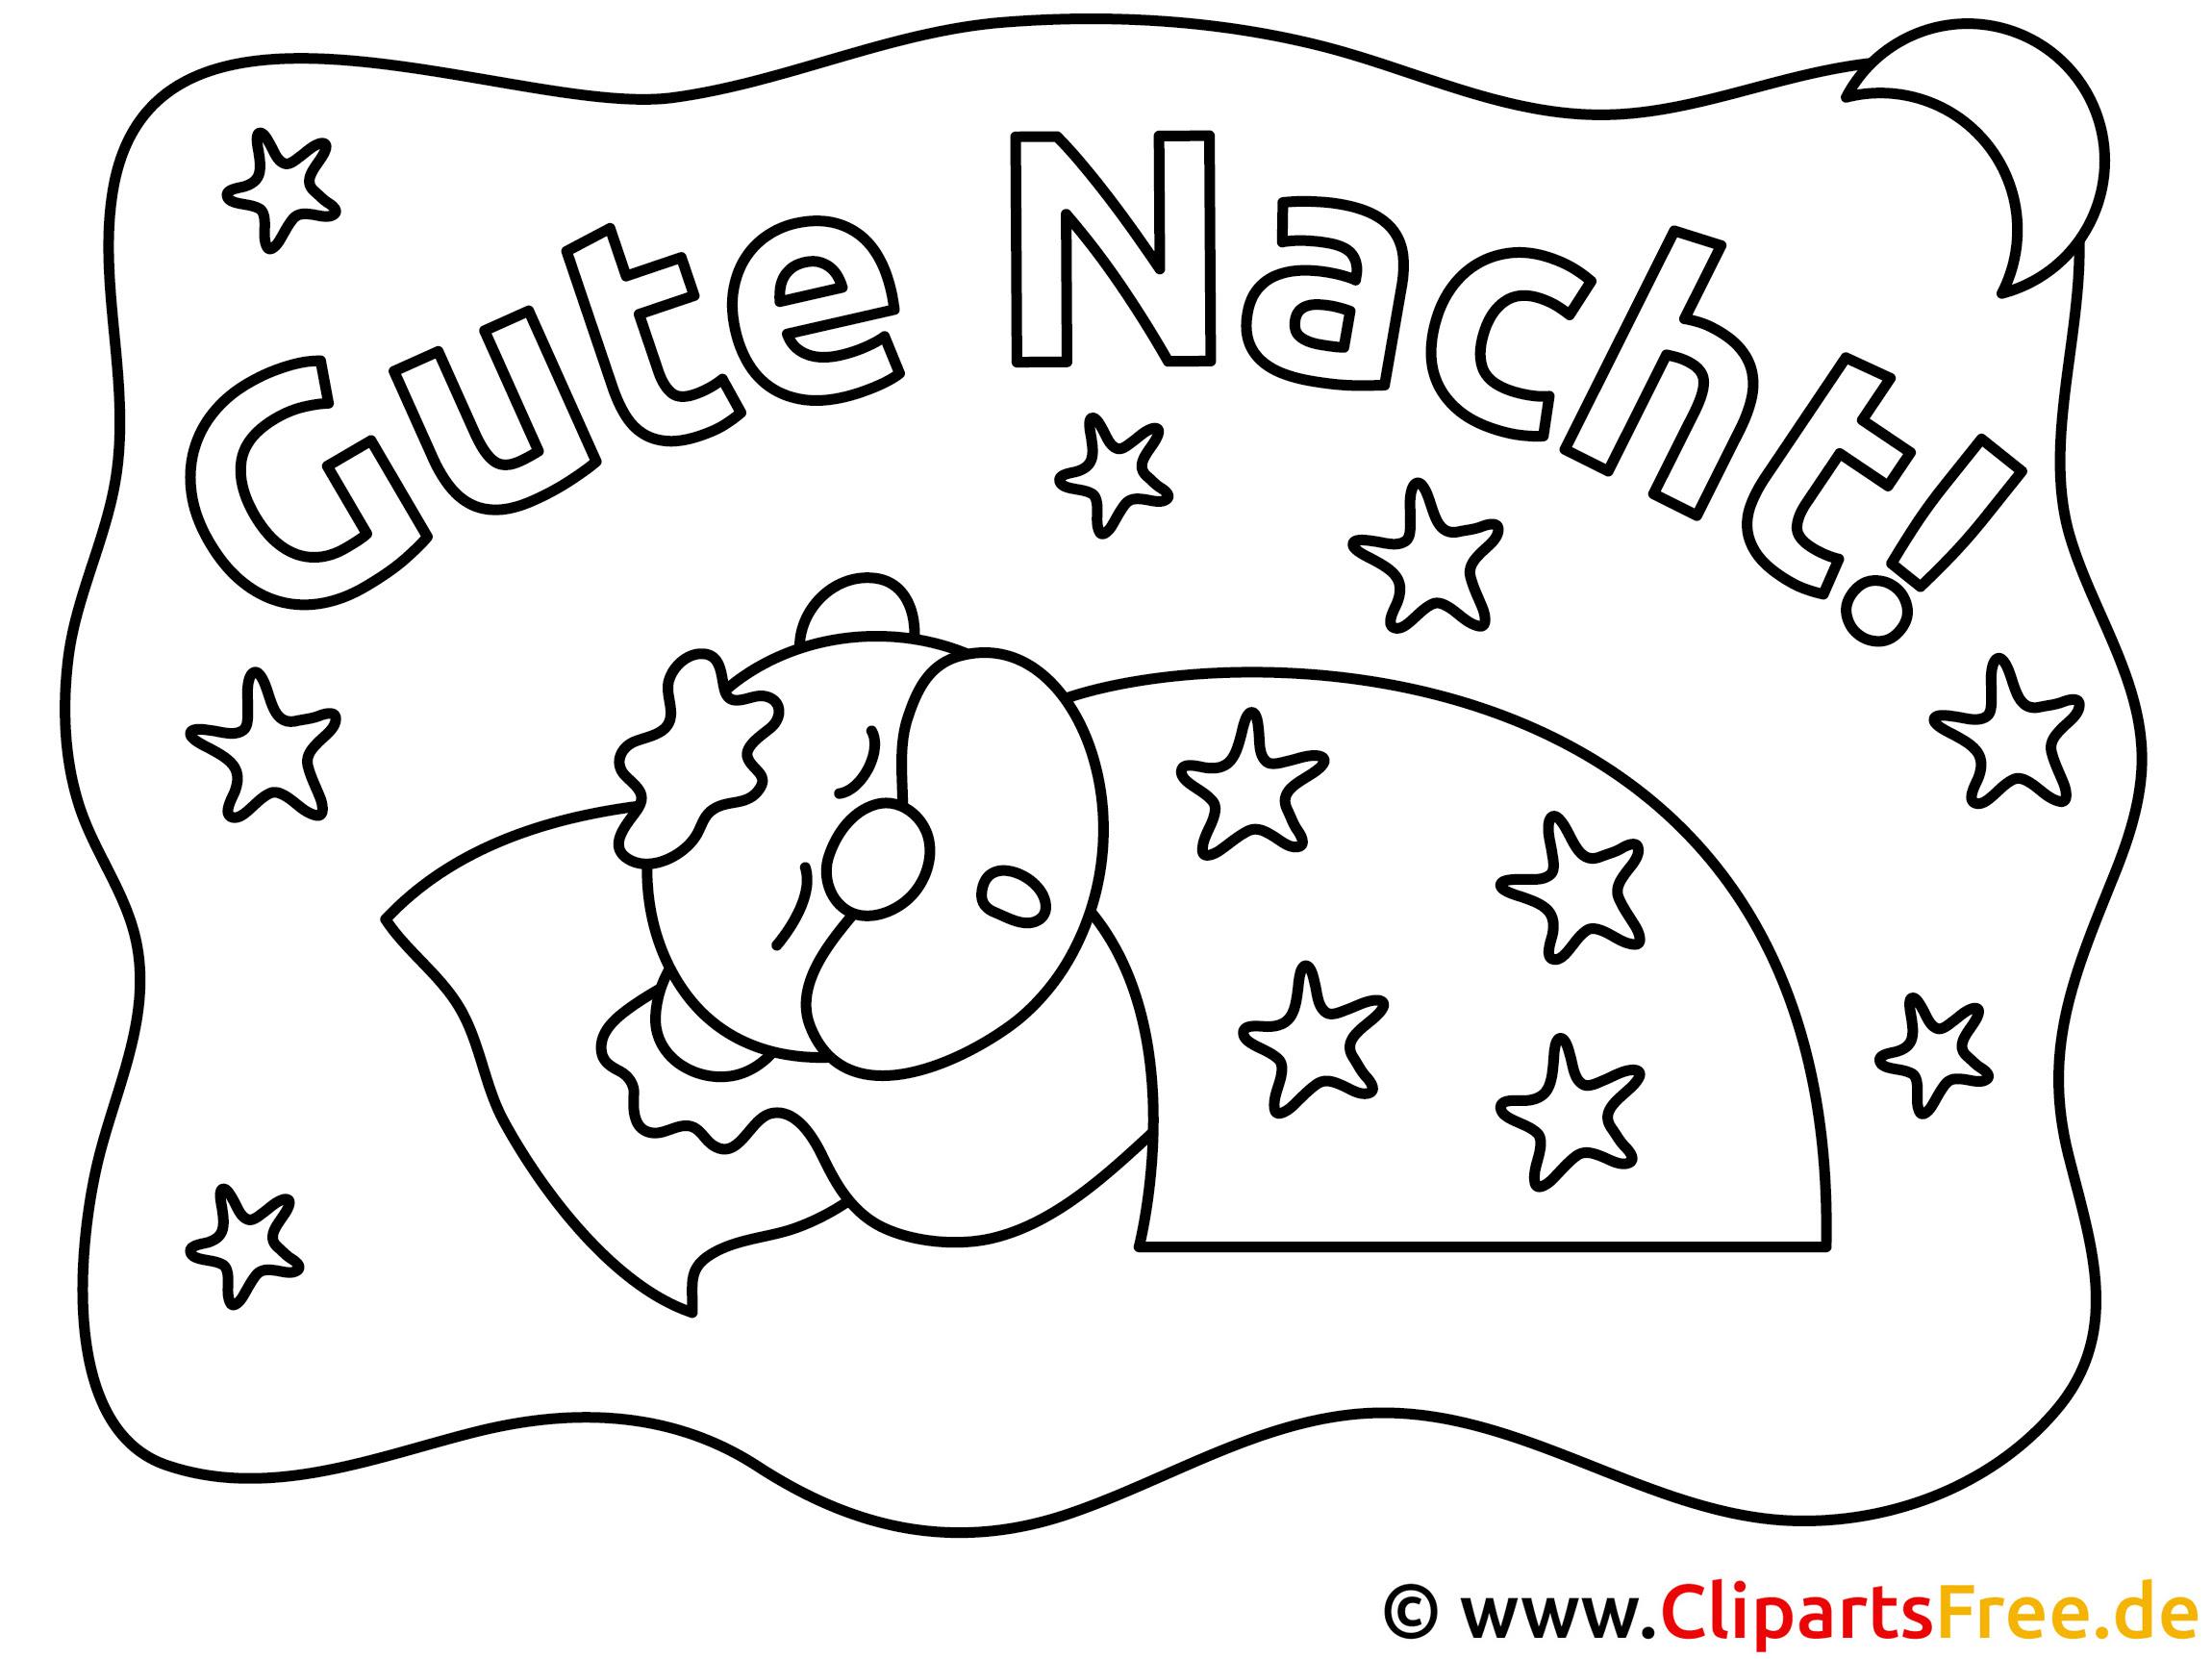 schlaf gute nacht ausmalbild fuer kinder kostenlos ausdrucken